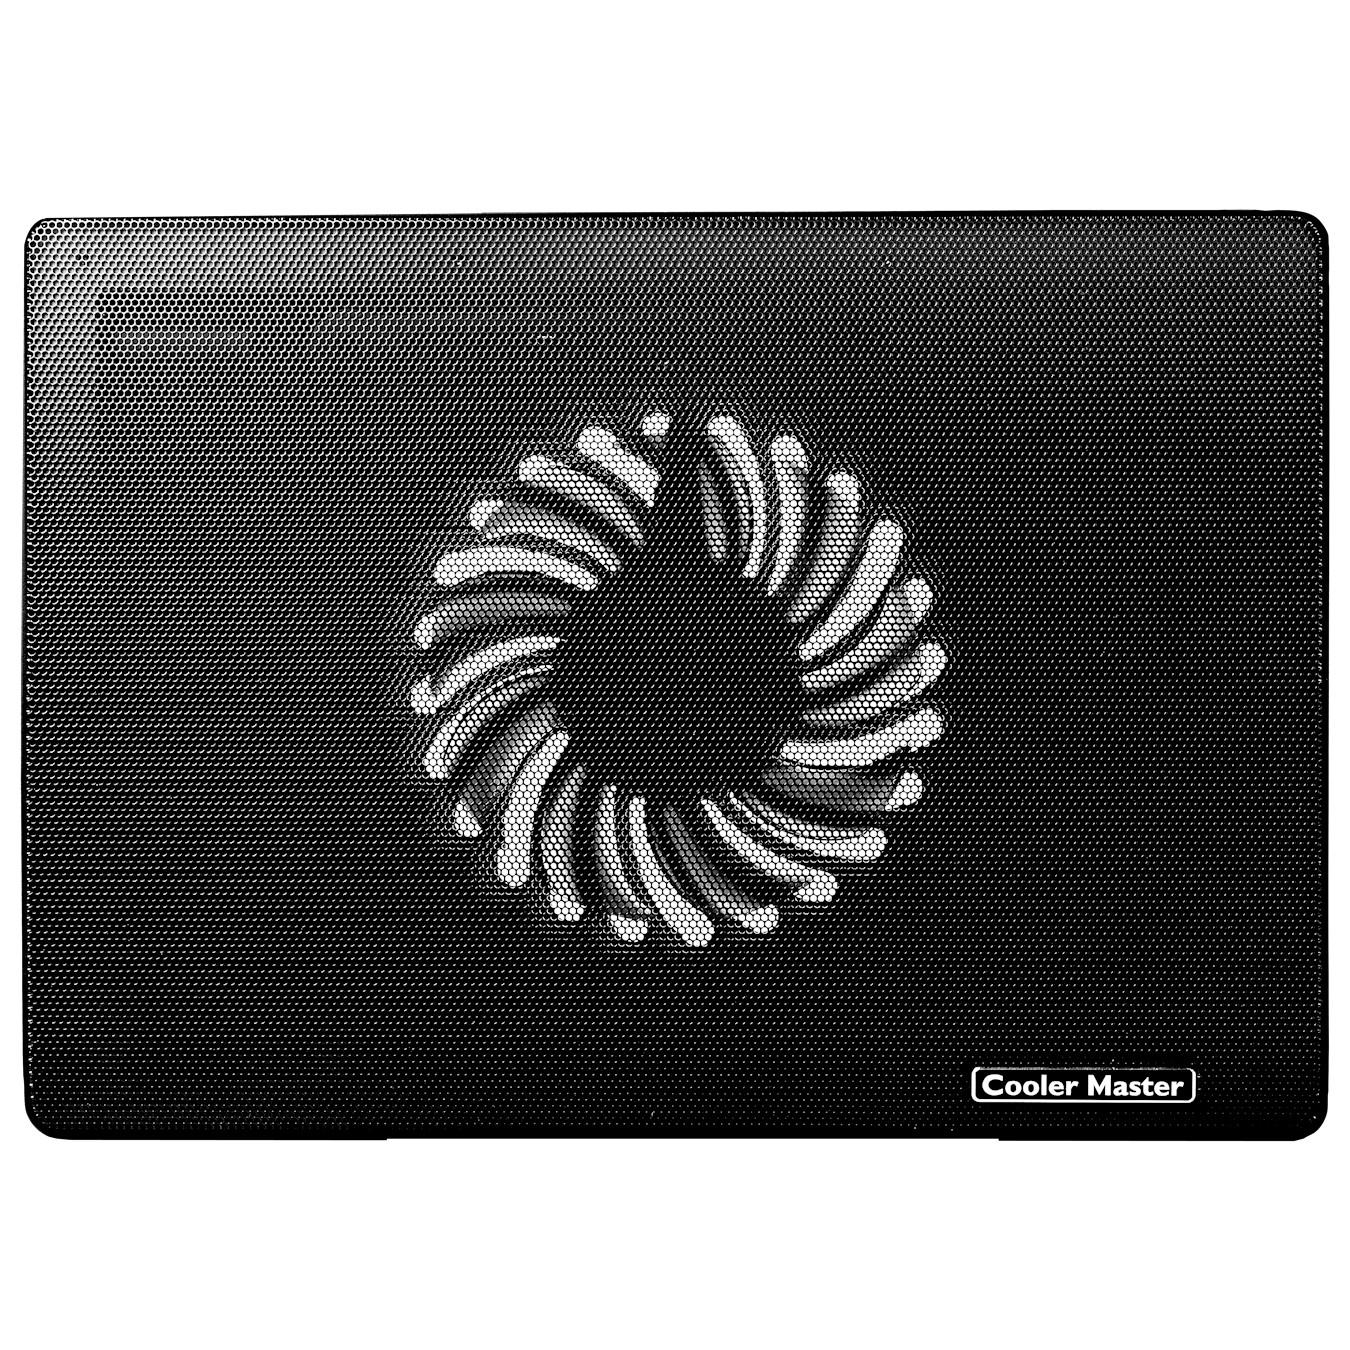 Đế làm mát Notebook Cooler Master I100 - BLACK - Hàng chính hãng